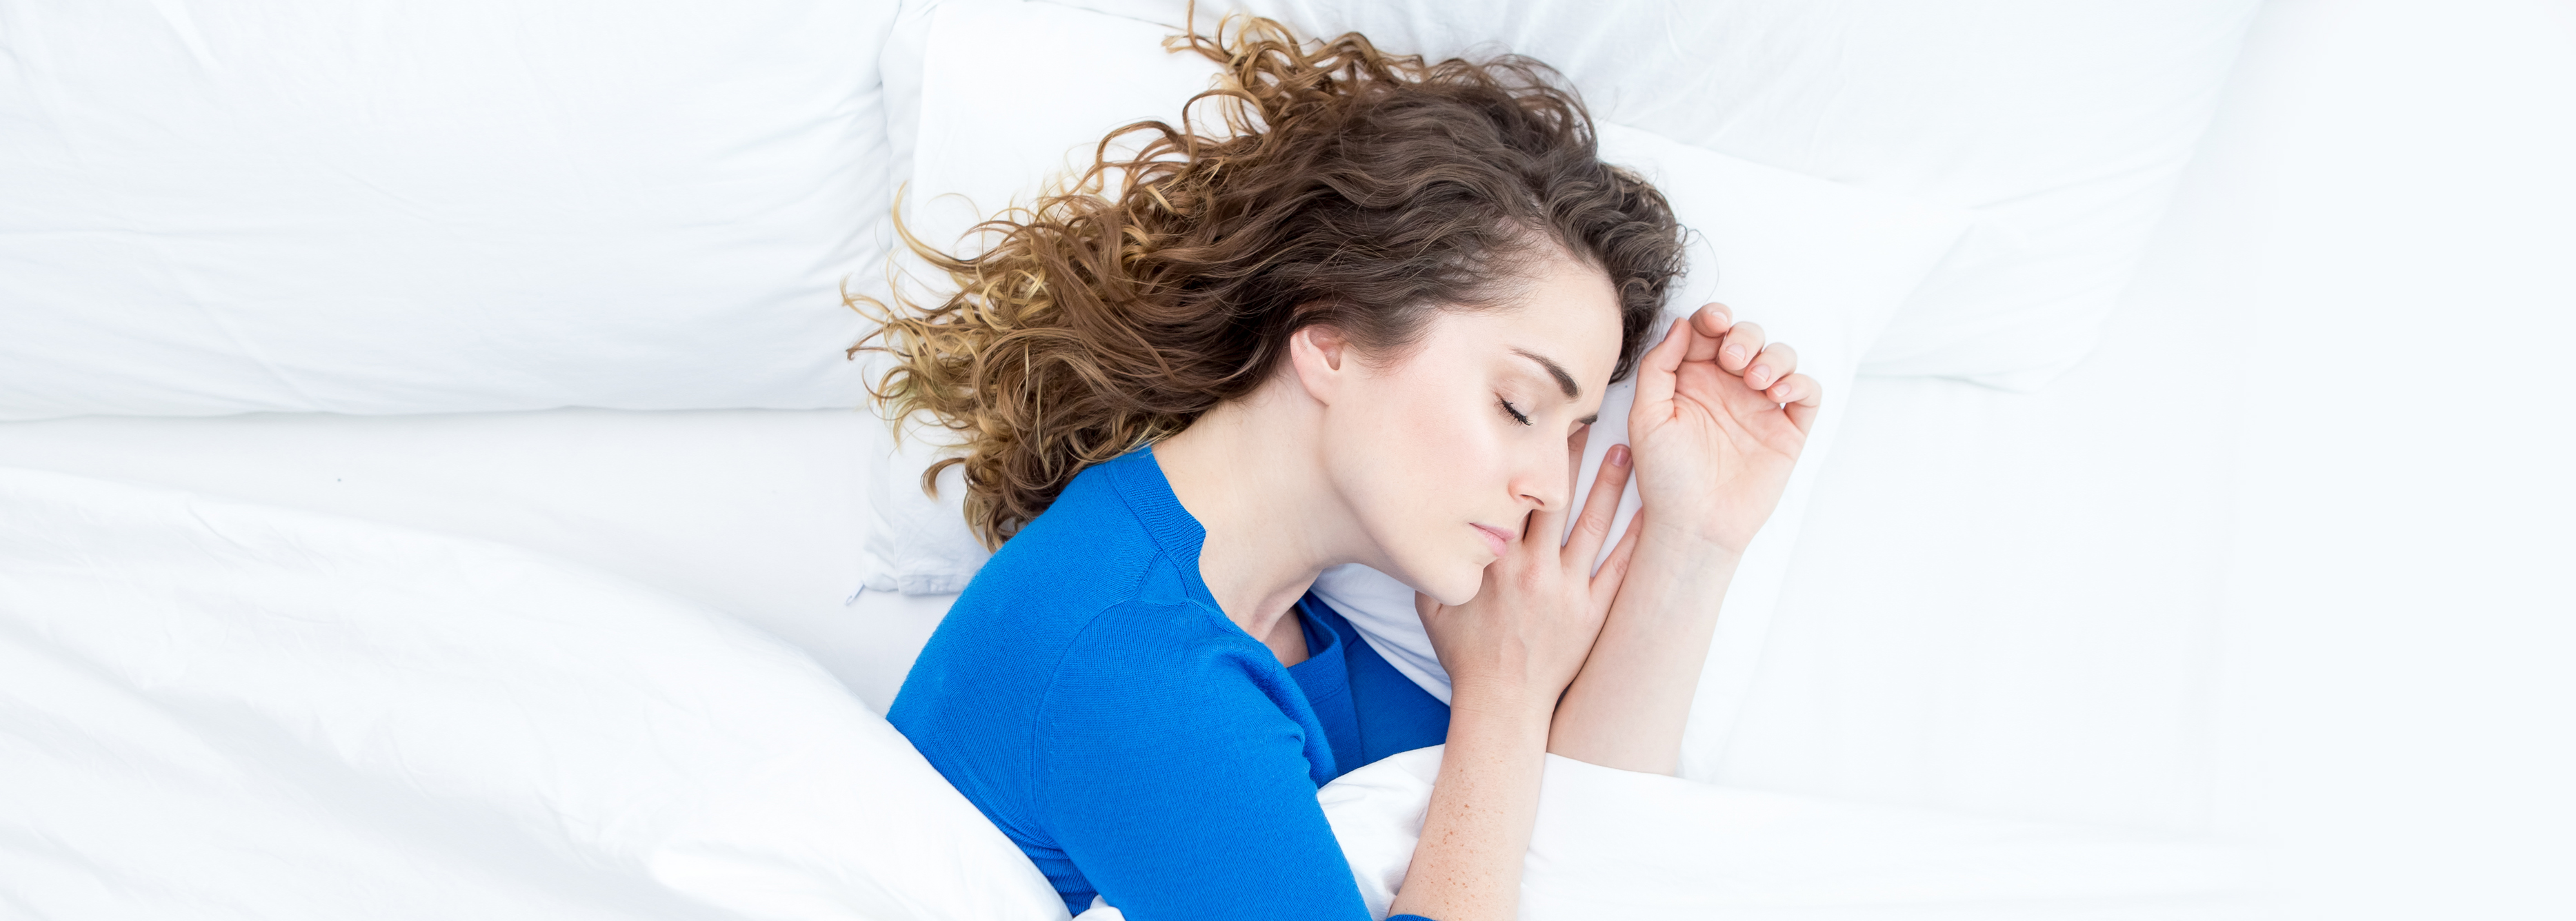 síntomas diabetes tipo 2 sudoración en el sueño